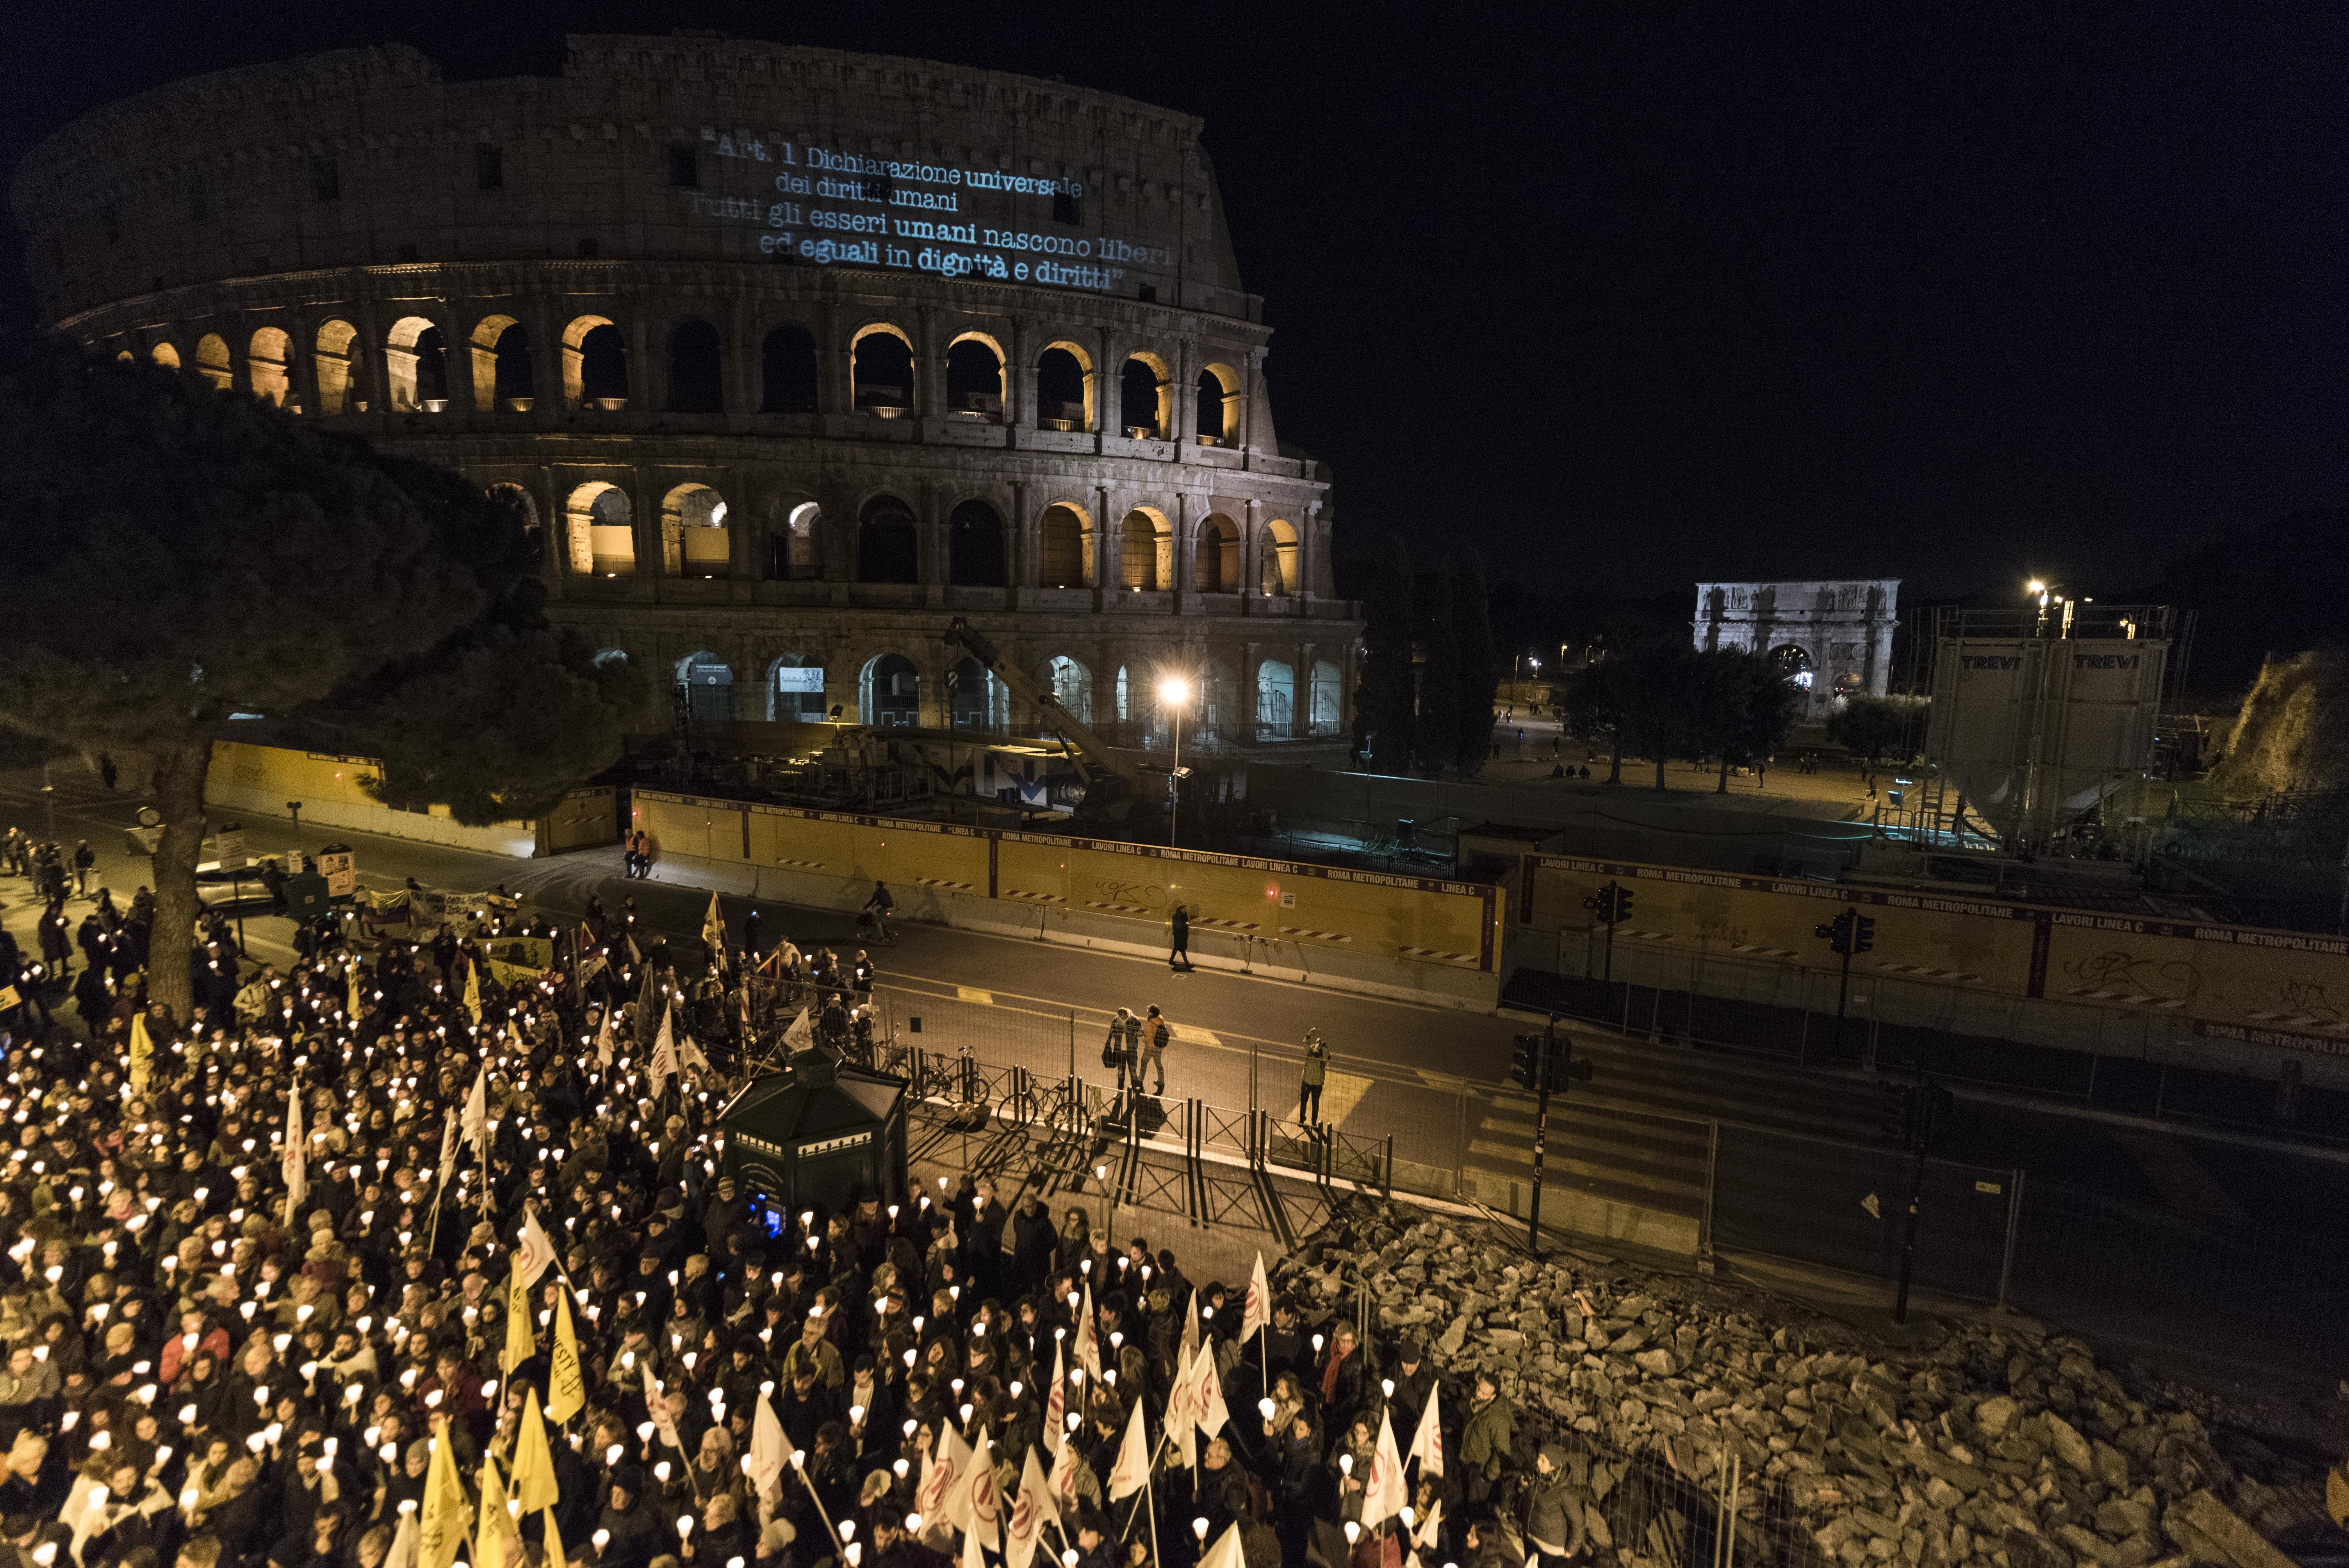 I partecipanti della fiaccolata davanti al Colosseo